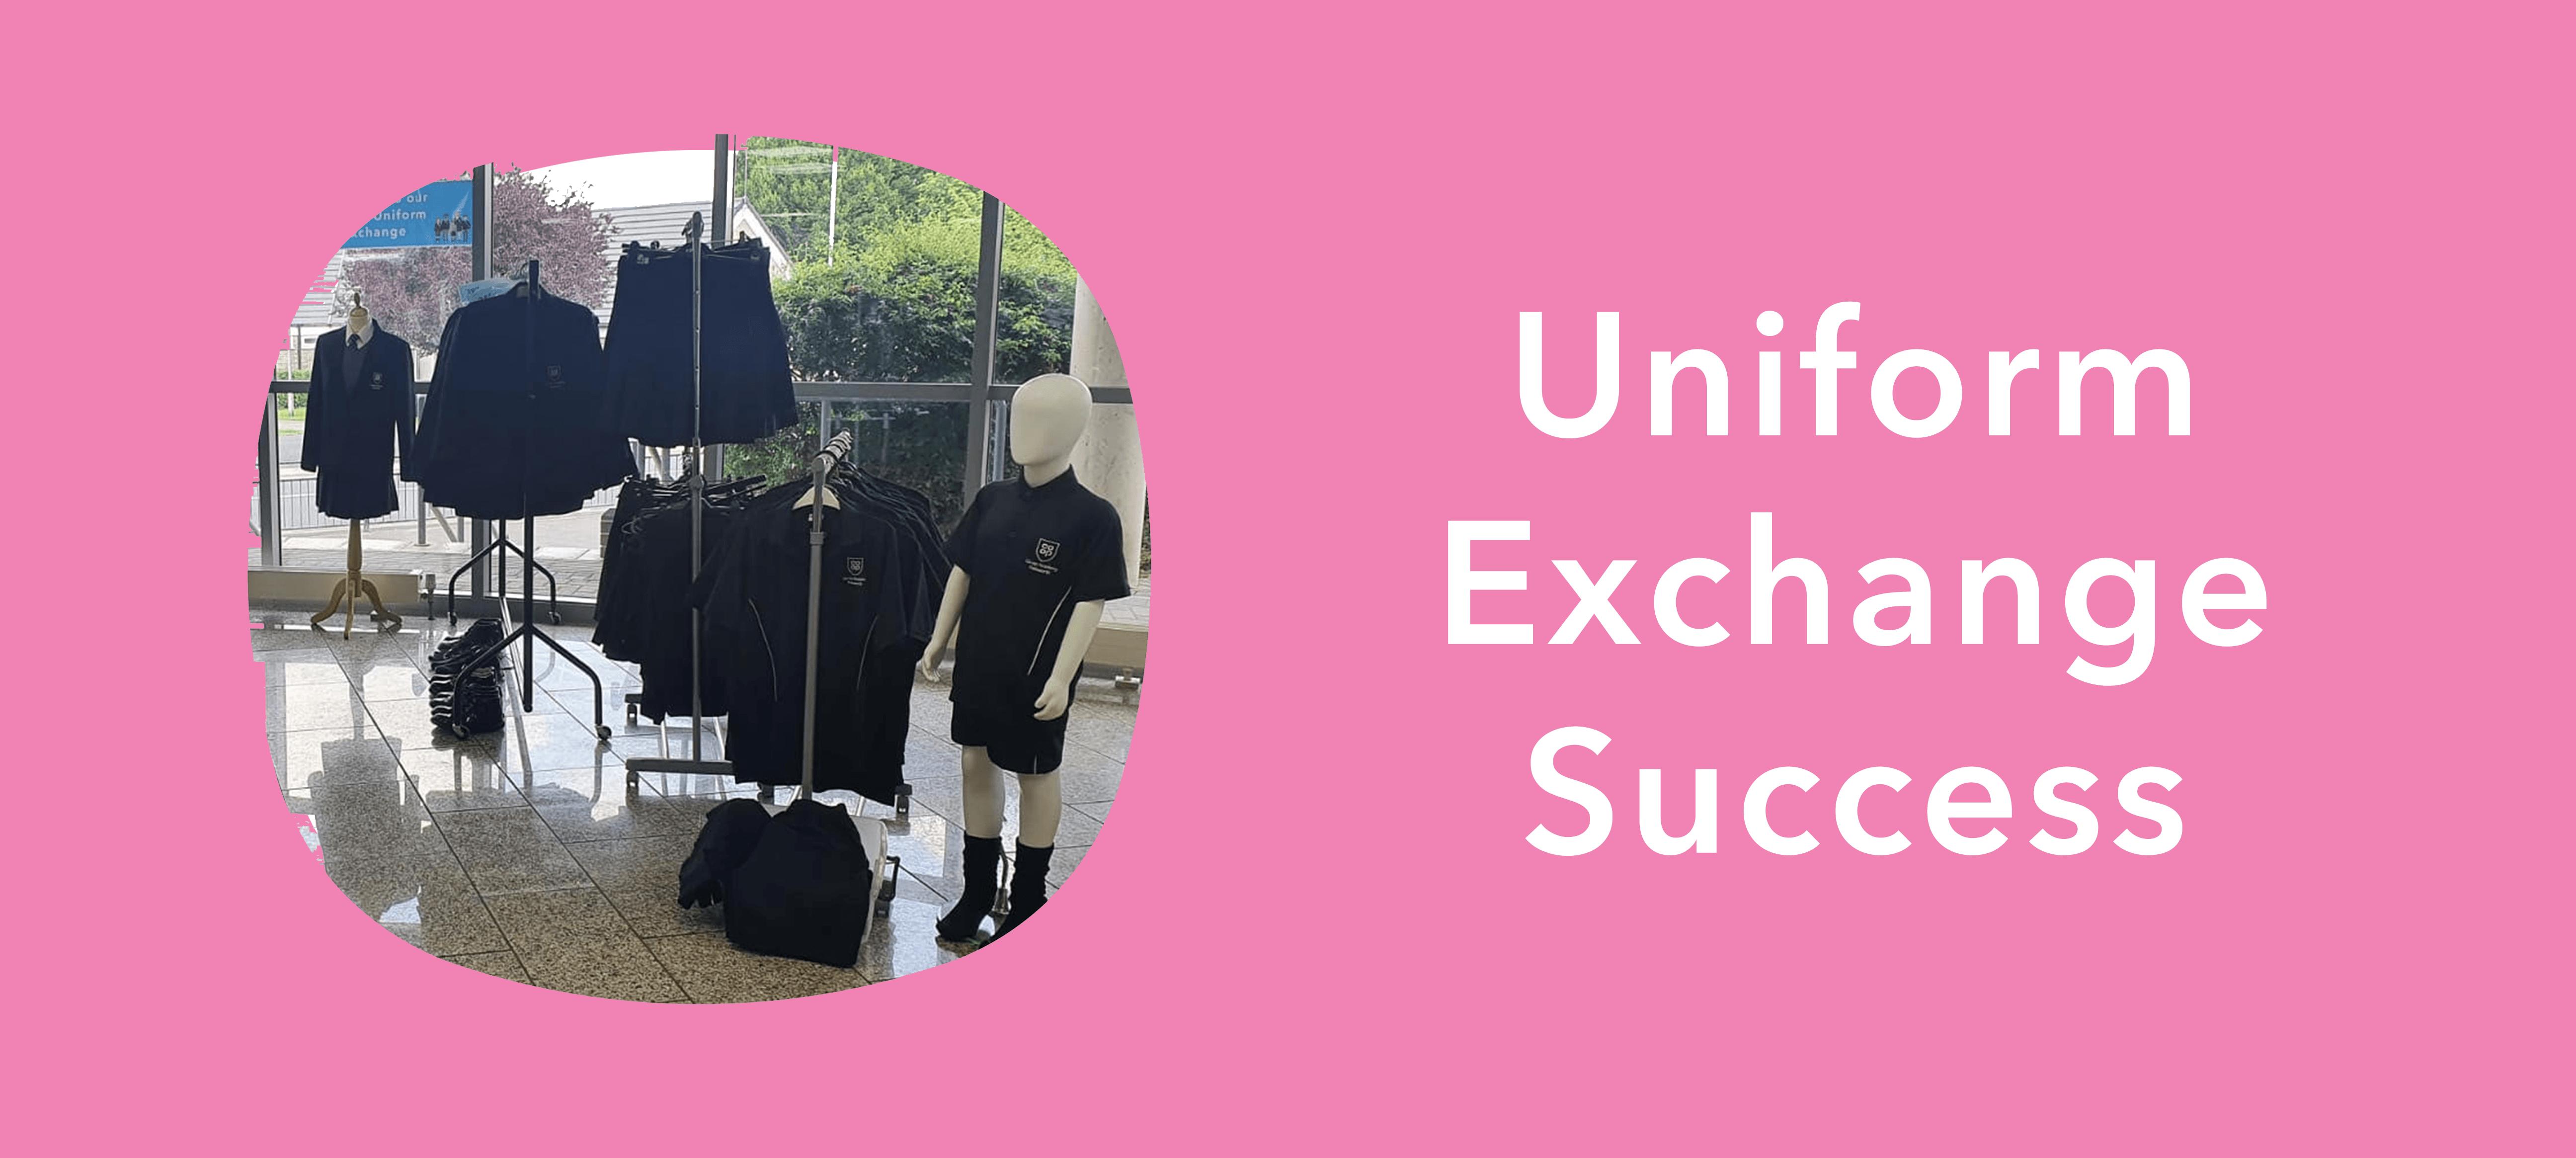 Co-op Academies offer Uniform Exchange